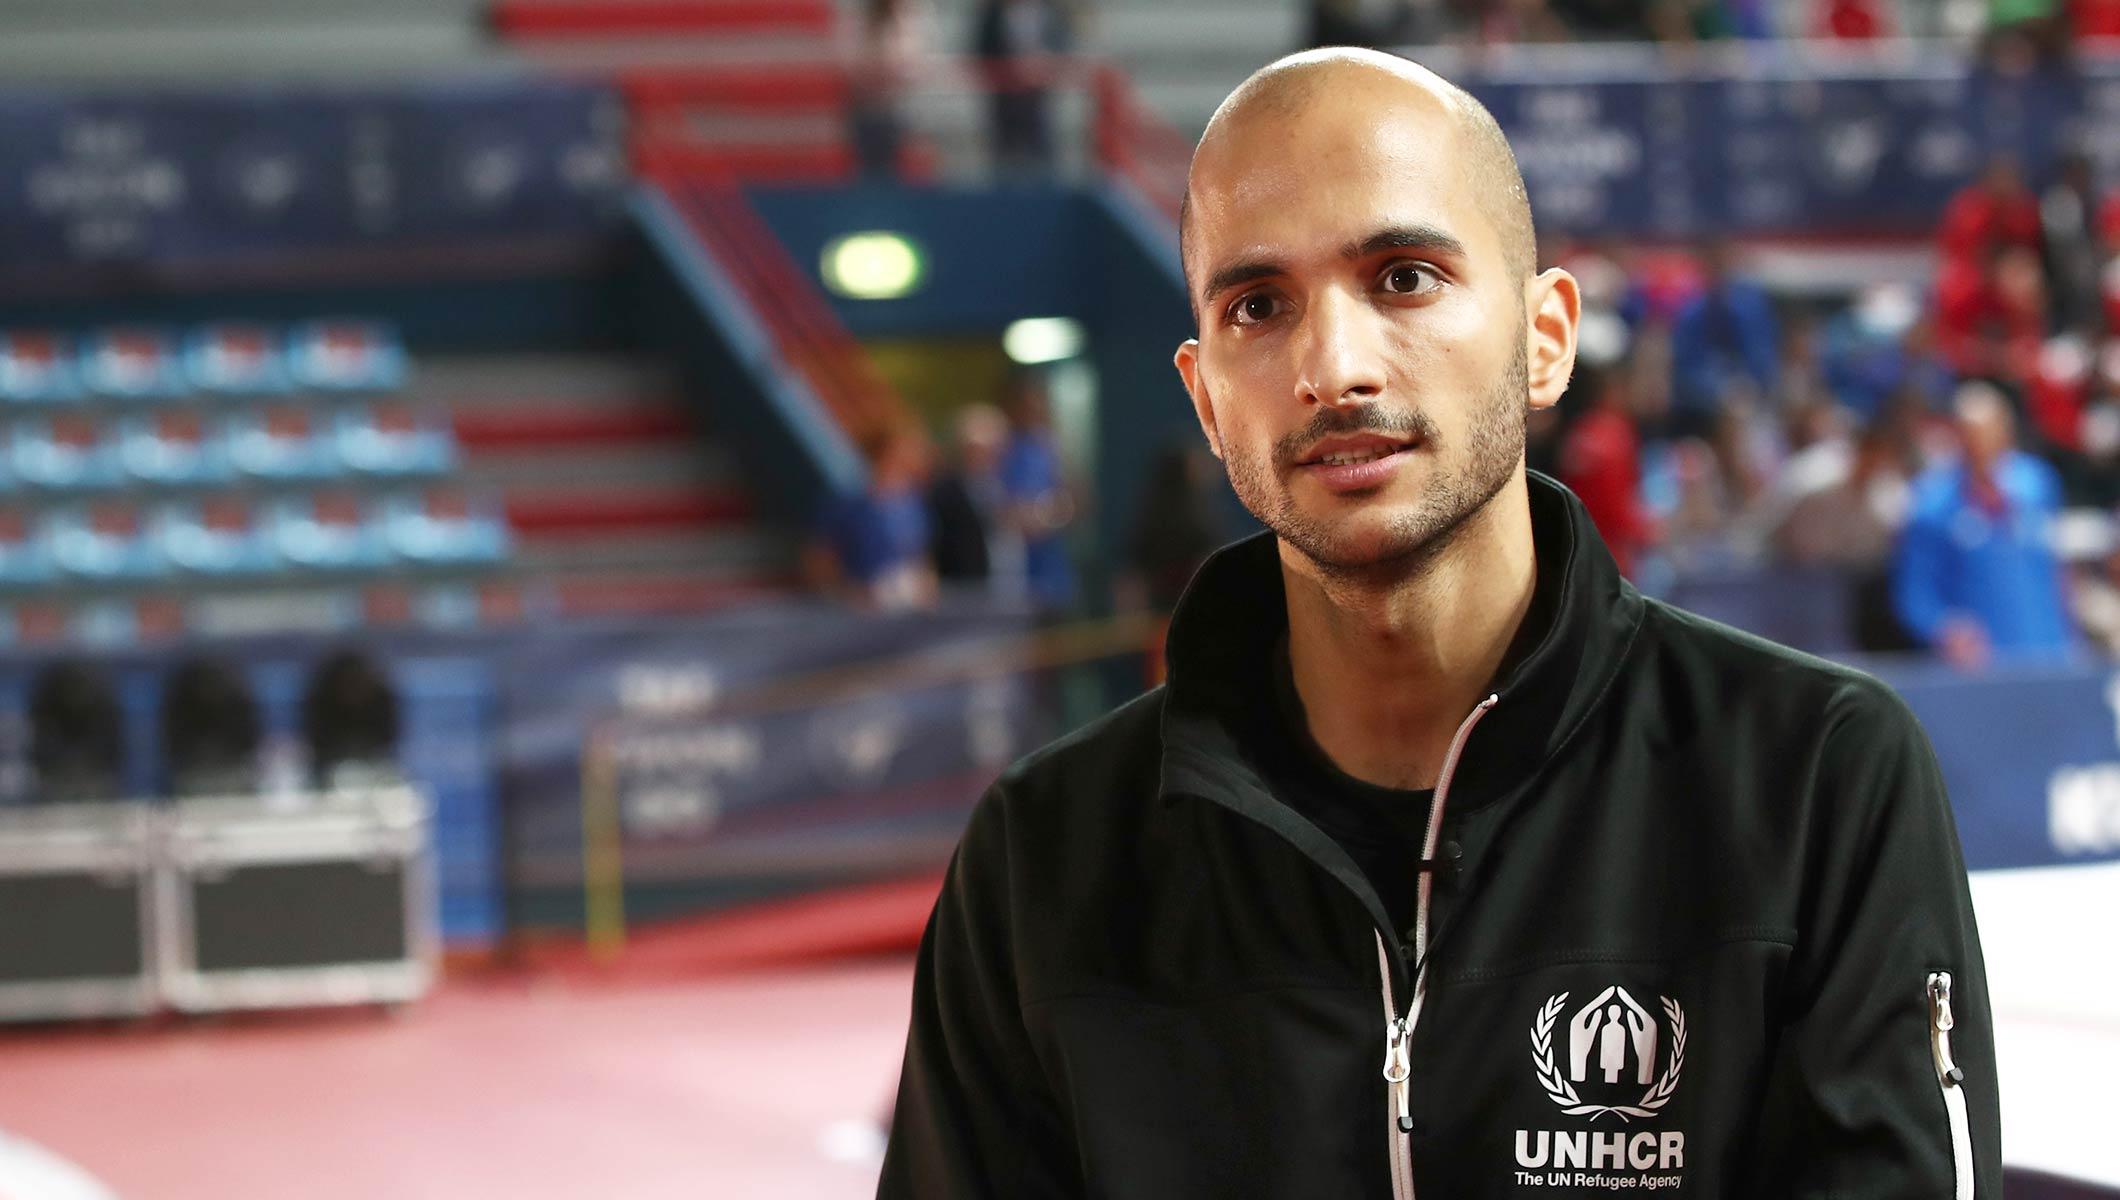 Ali Noghandoost